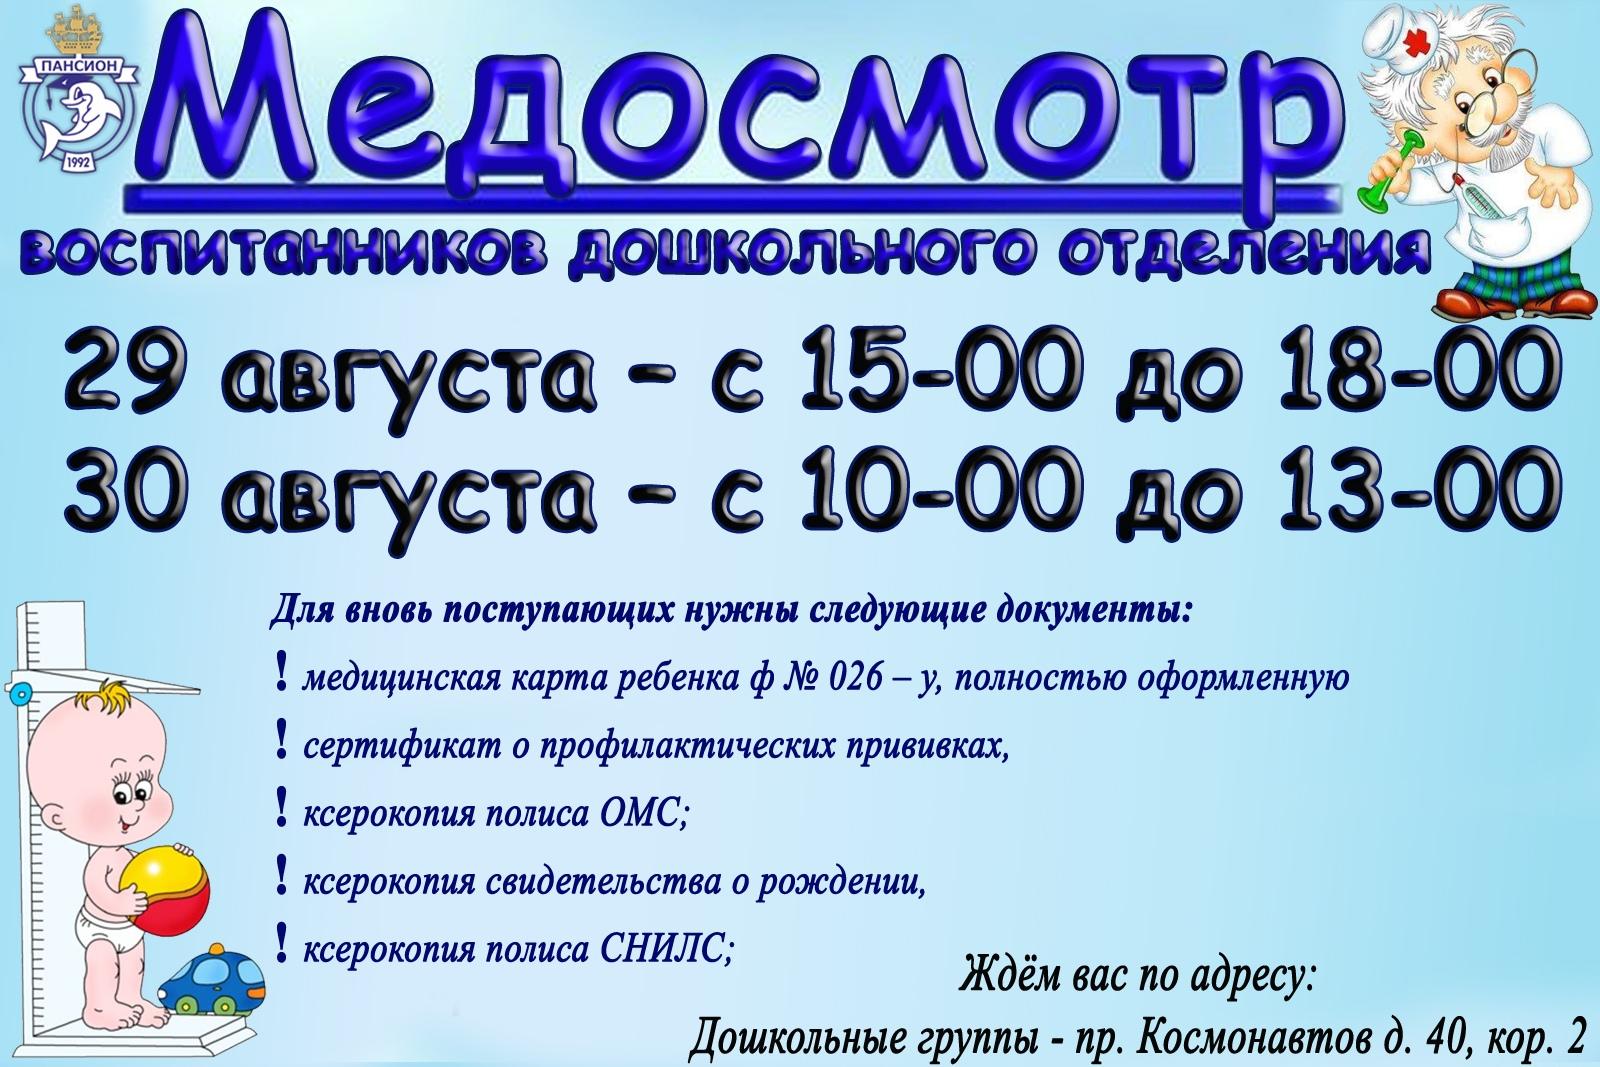 Медосмотр воспитанников дошкольного отделения будет проходить 29 августа с 15.00 до 18.00 и 30 августа  с 10.00 до 13.00